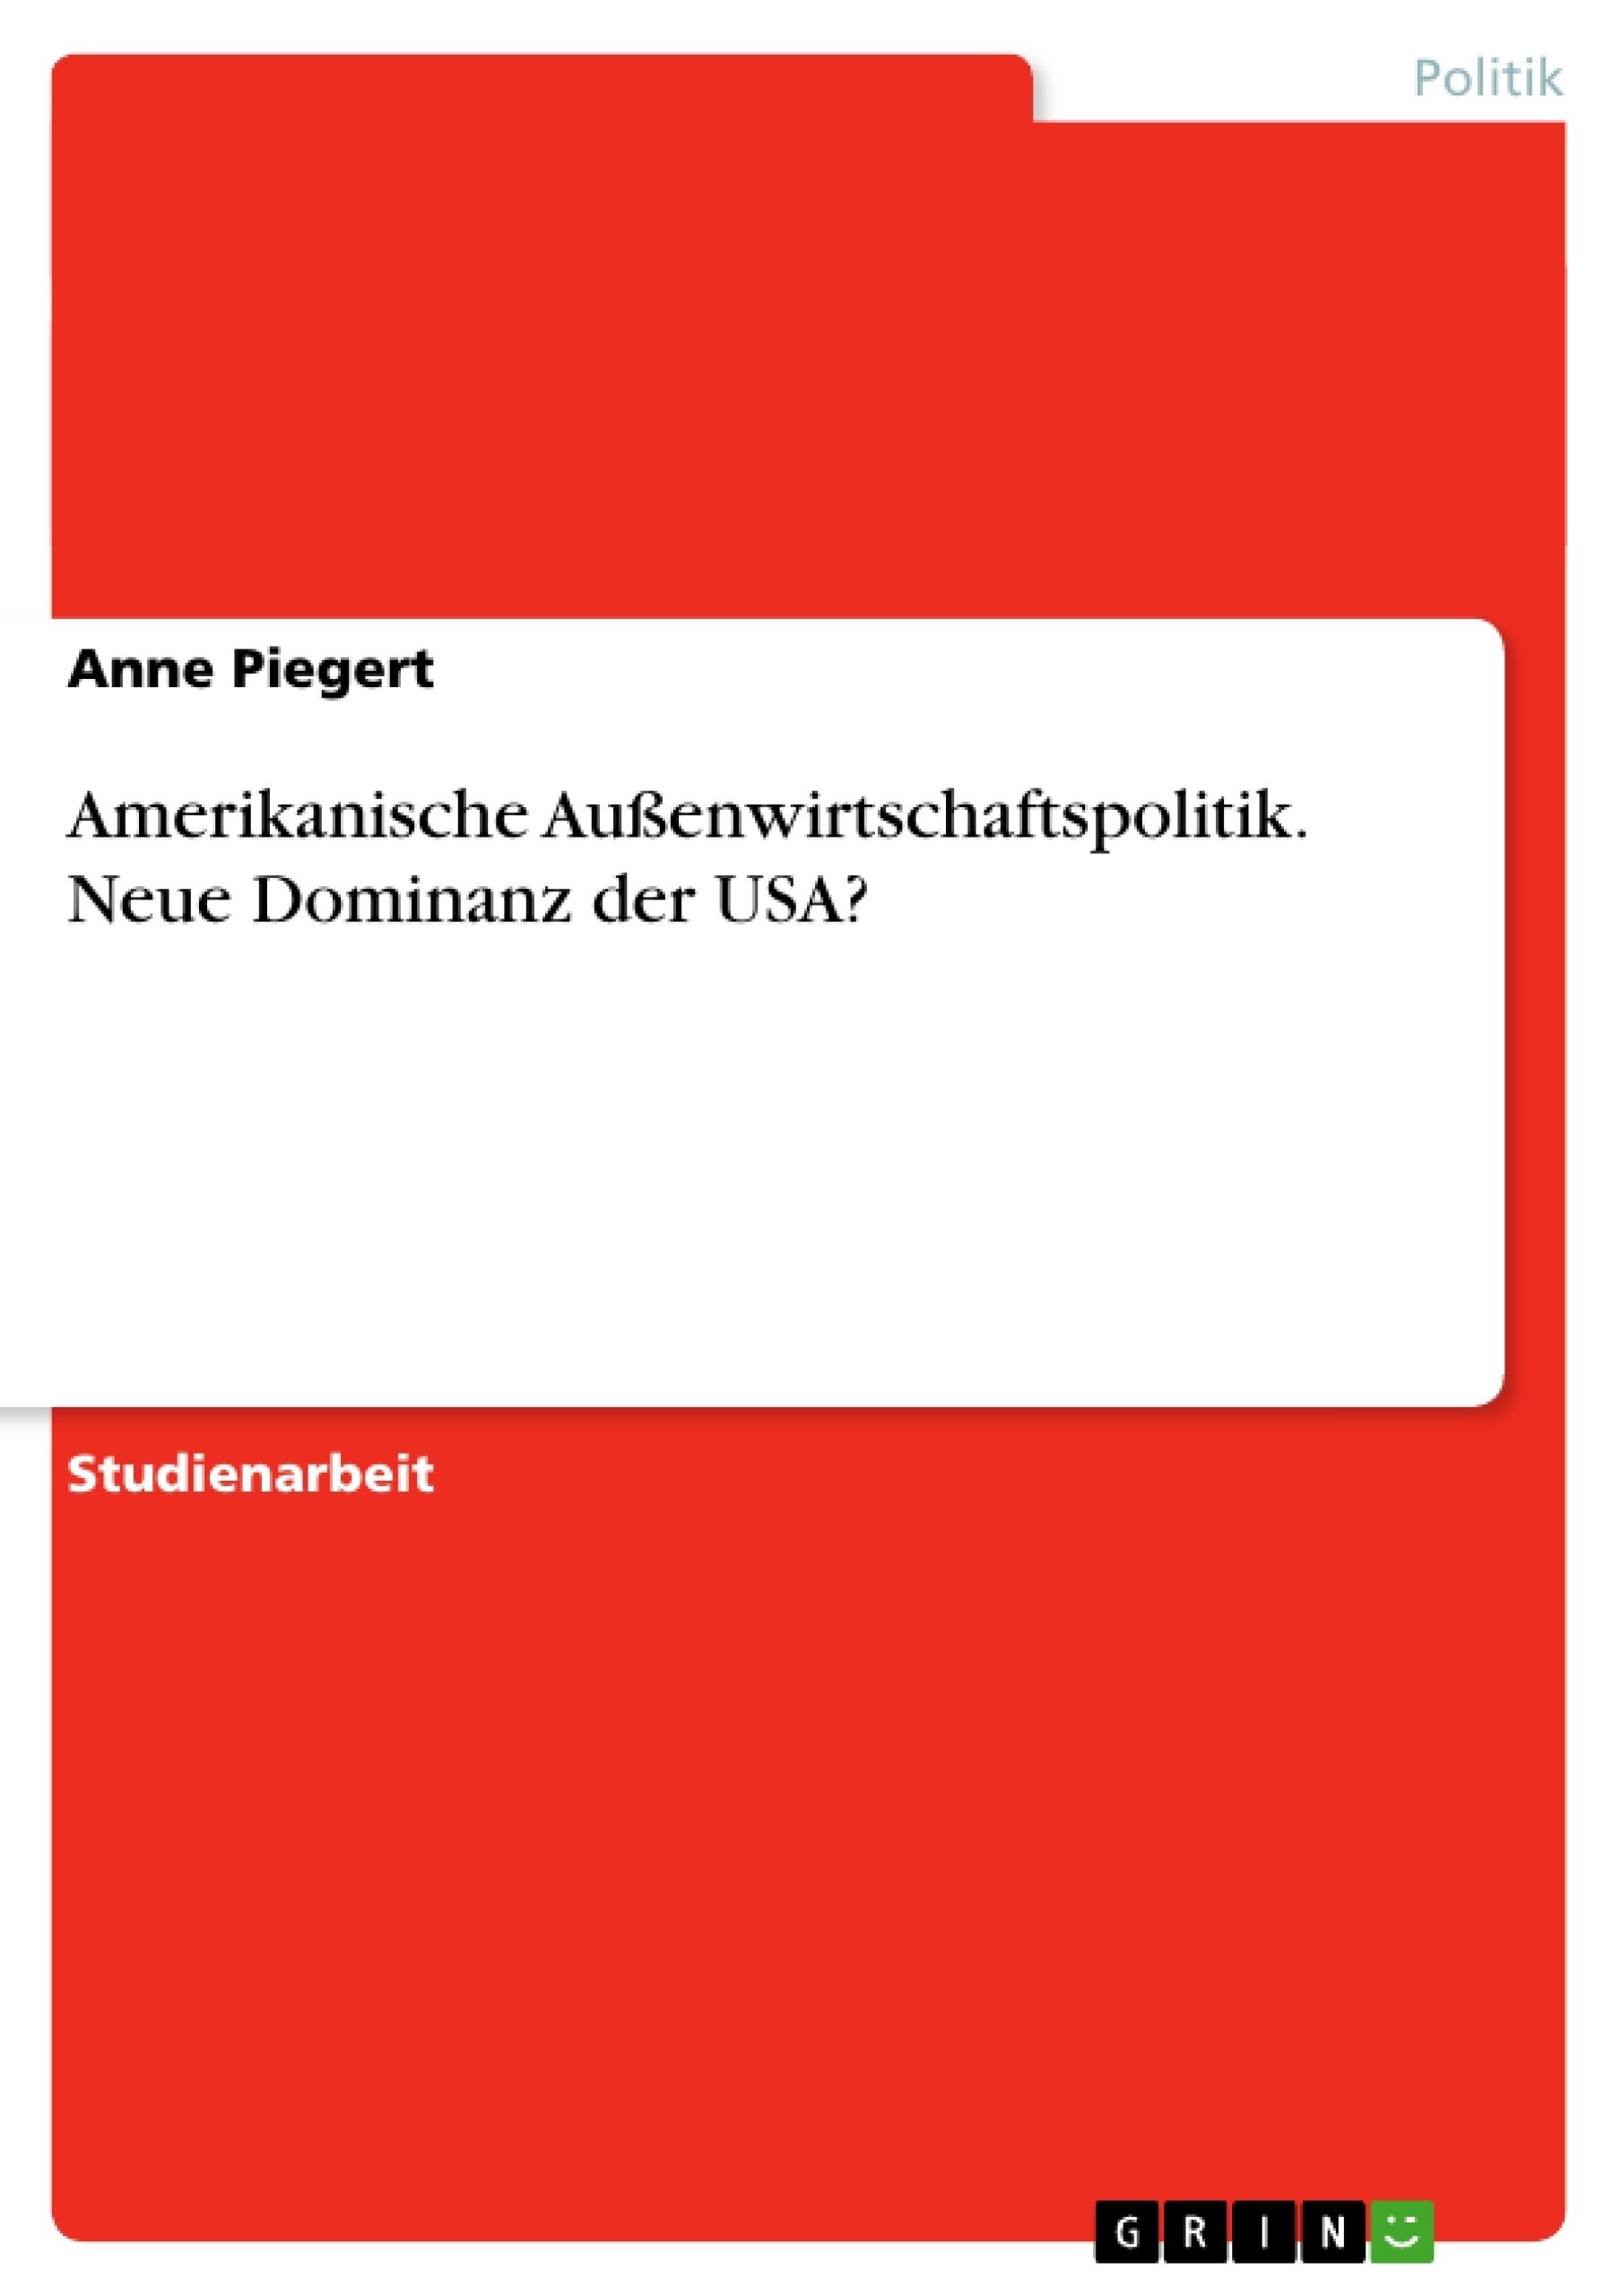 Titel: Amerikanische Außenwirtschaftspolitik. Neue Dominanz der USA?